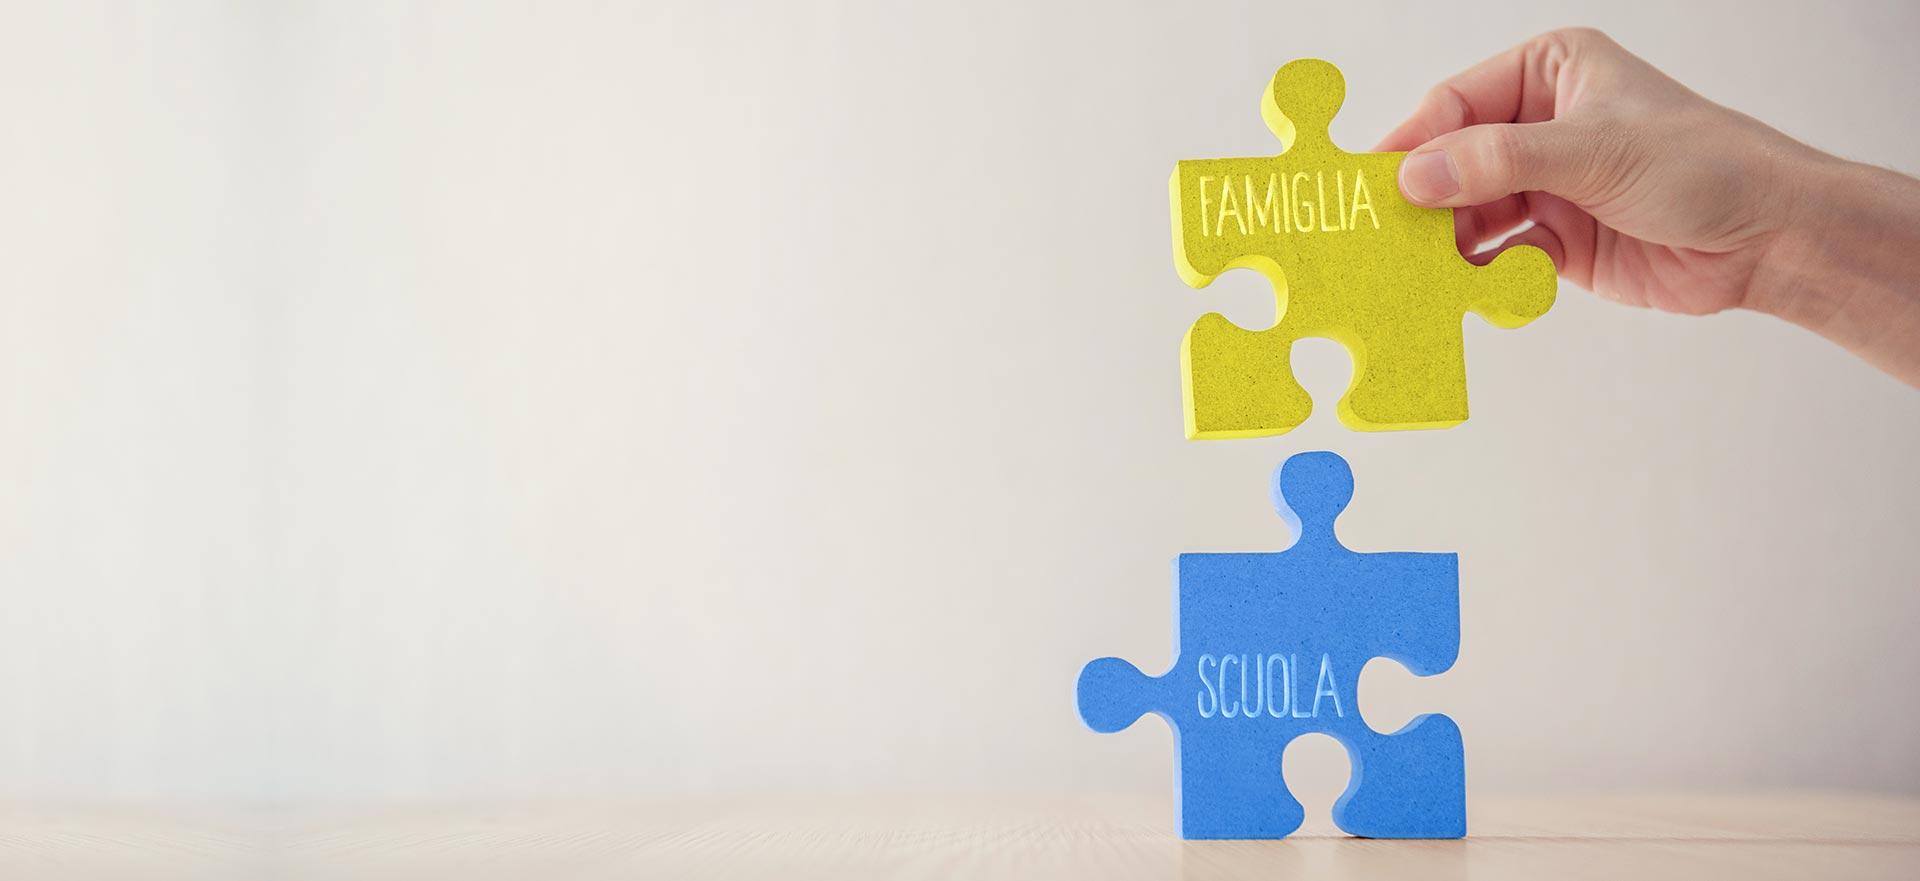 progetto scuola e famiglia